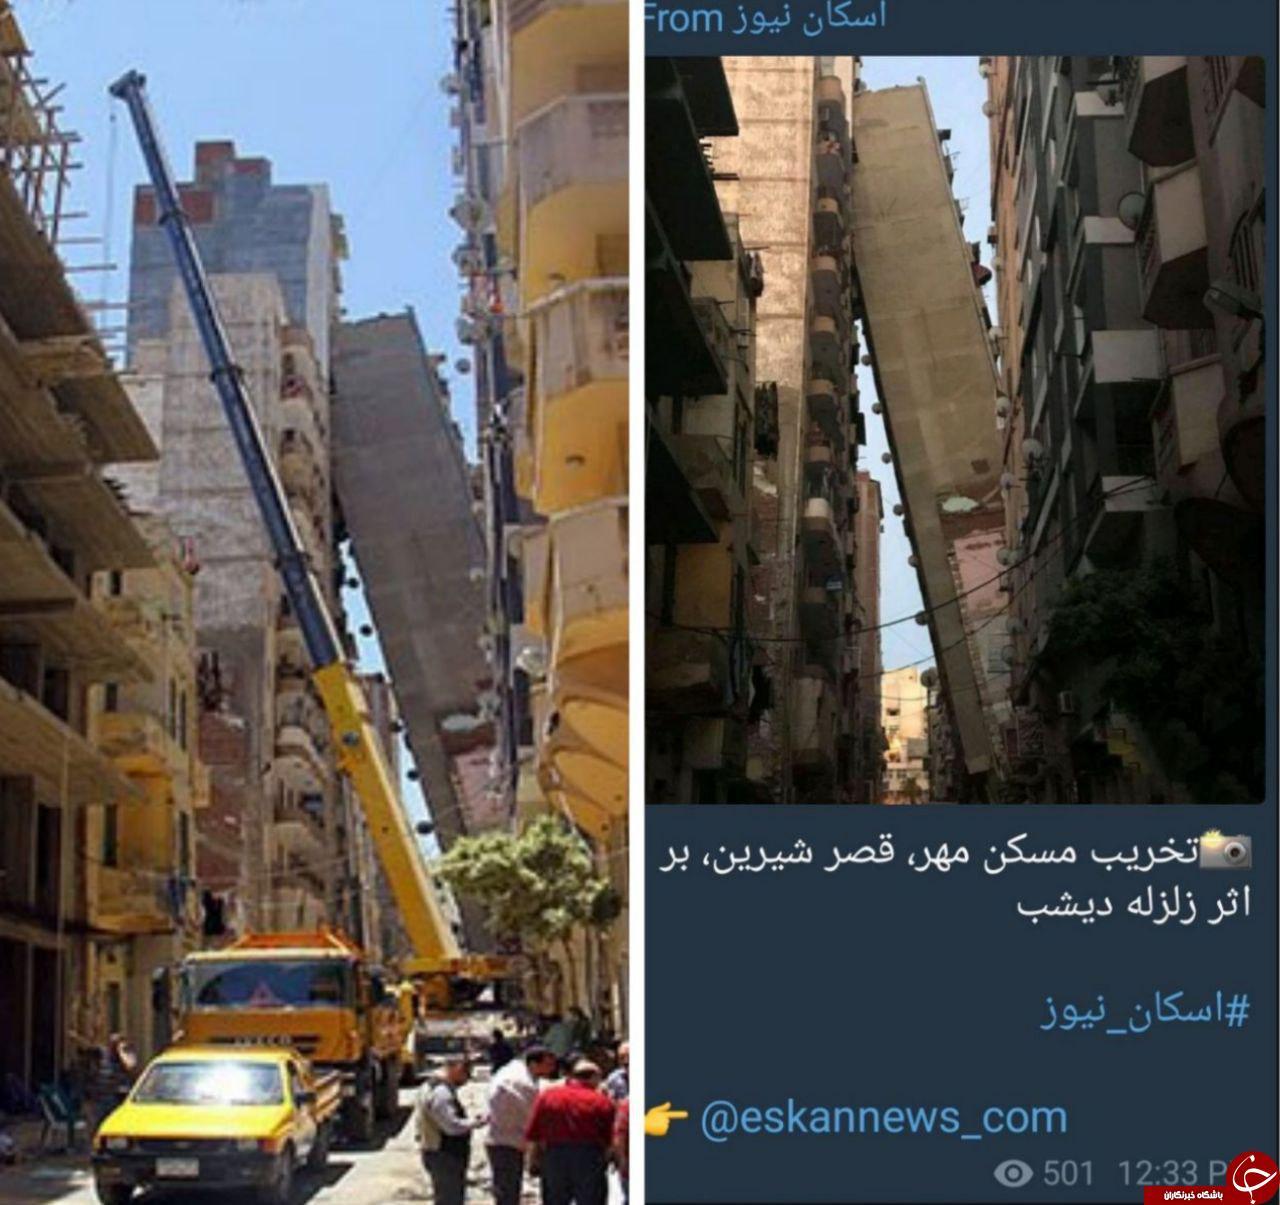 سوء استفاده خبری آمدنیوز از زلزله کرمانشاه